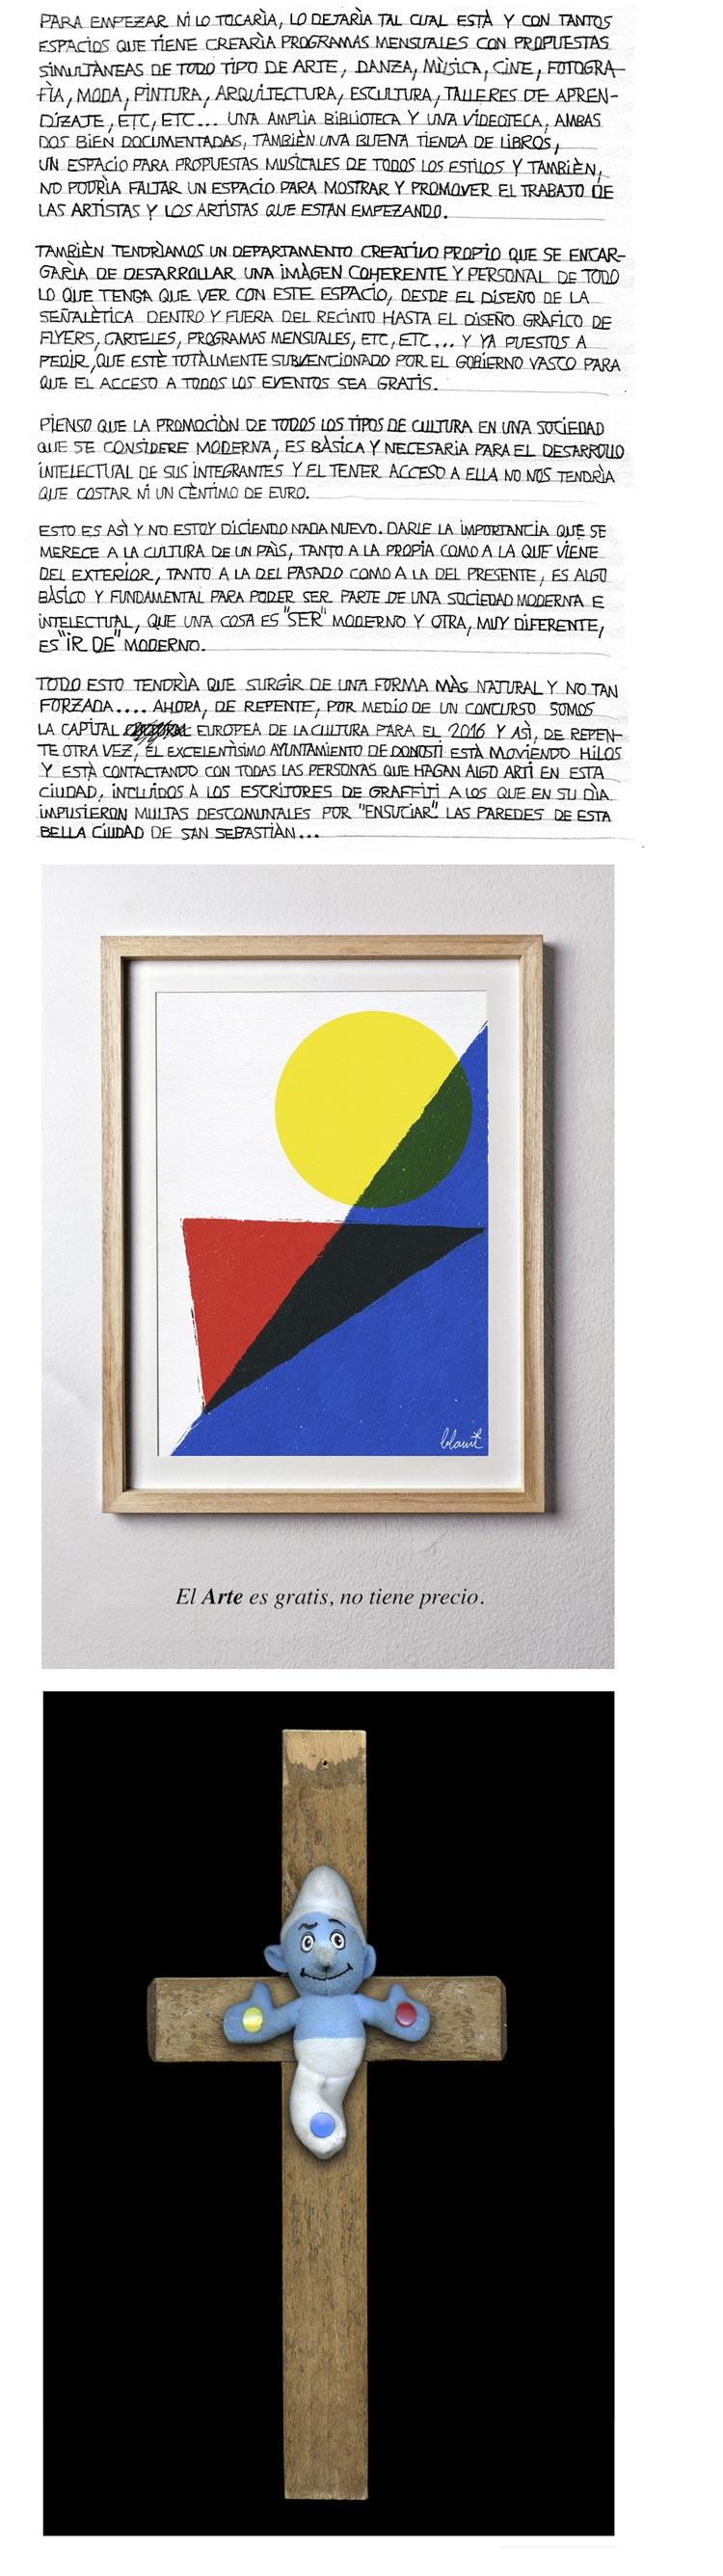 ARTE DRAMÁTICO, un libro de BLAMI